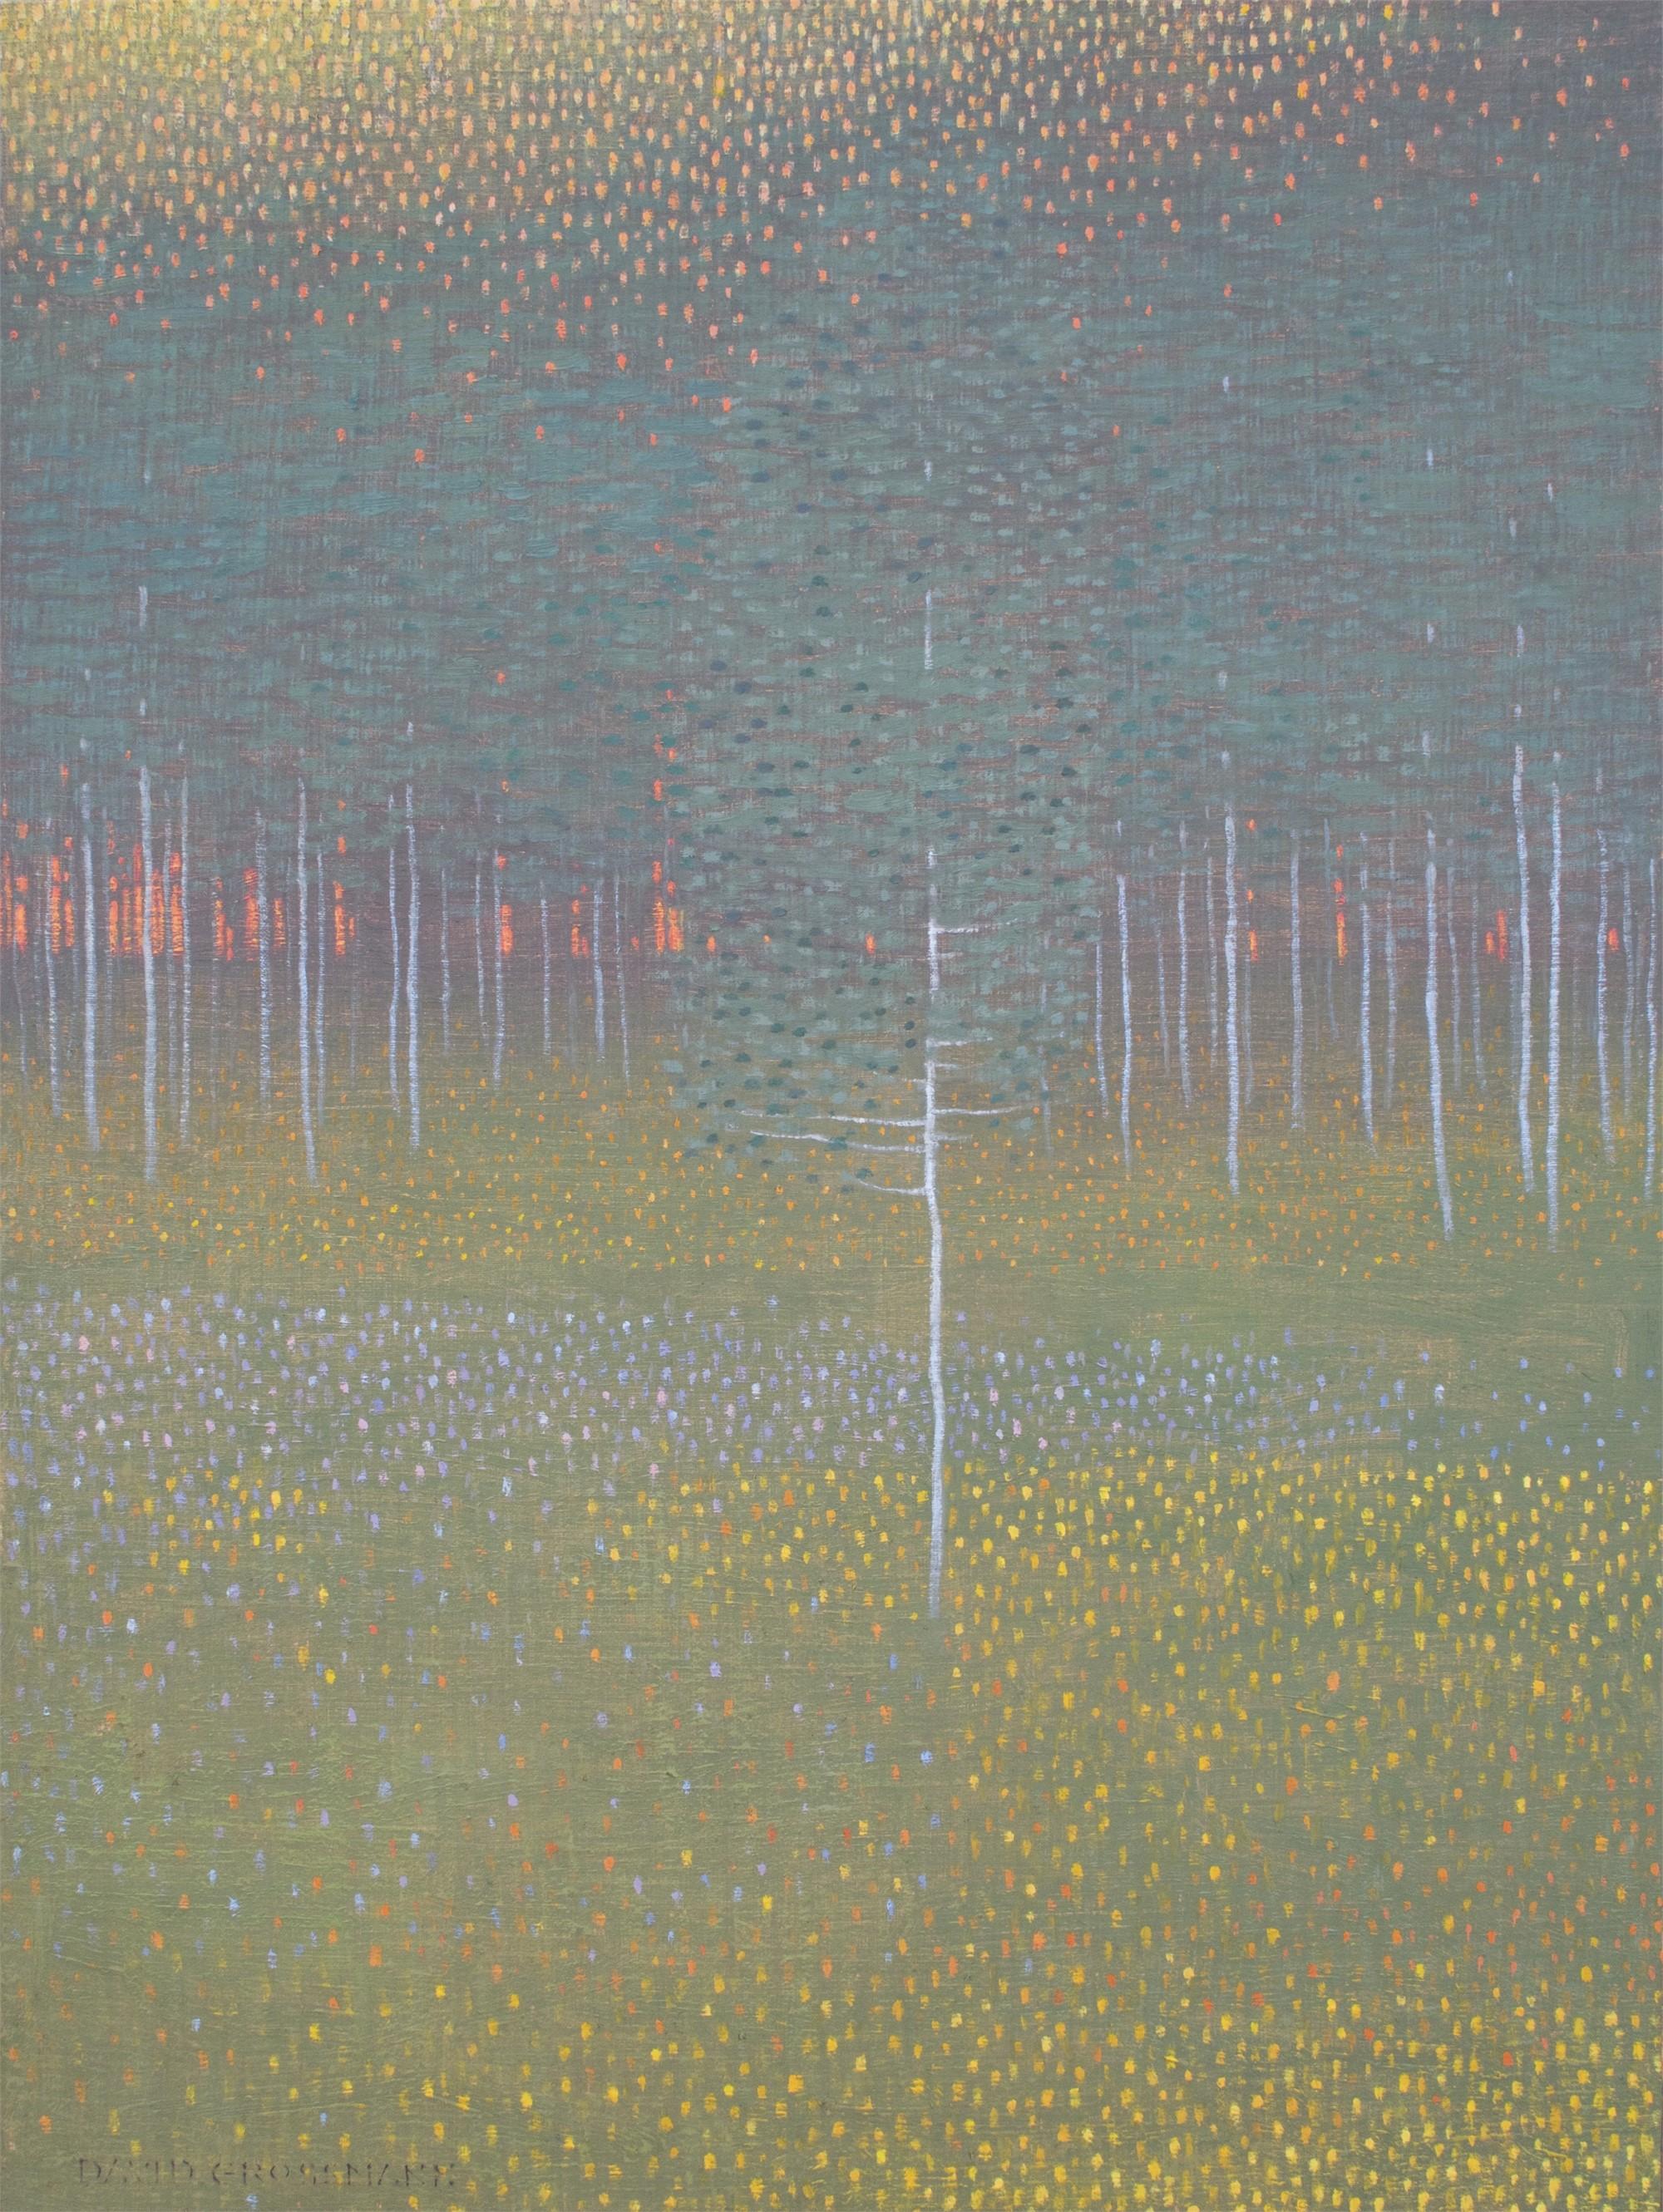 Summer Evening Glow by David Grossmann